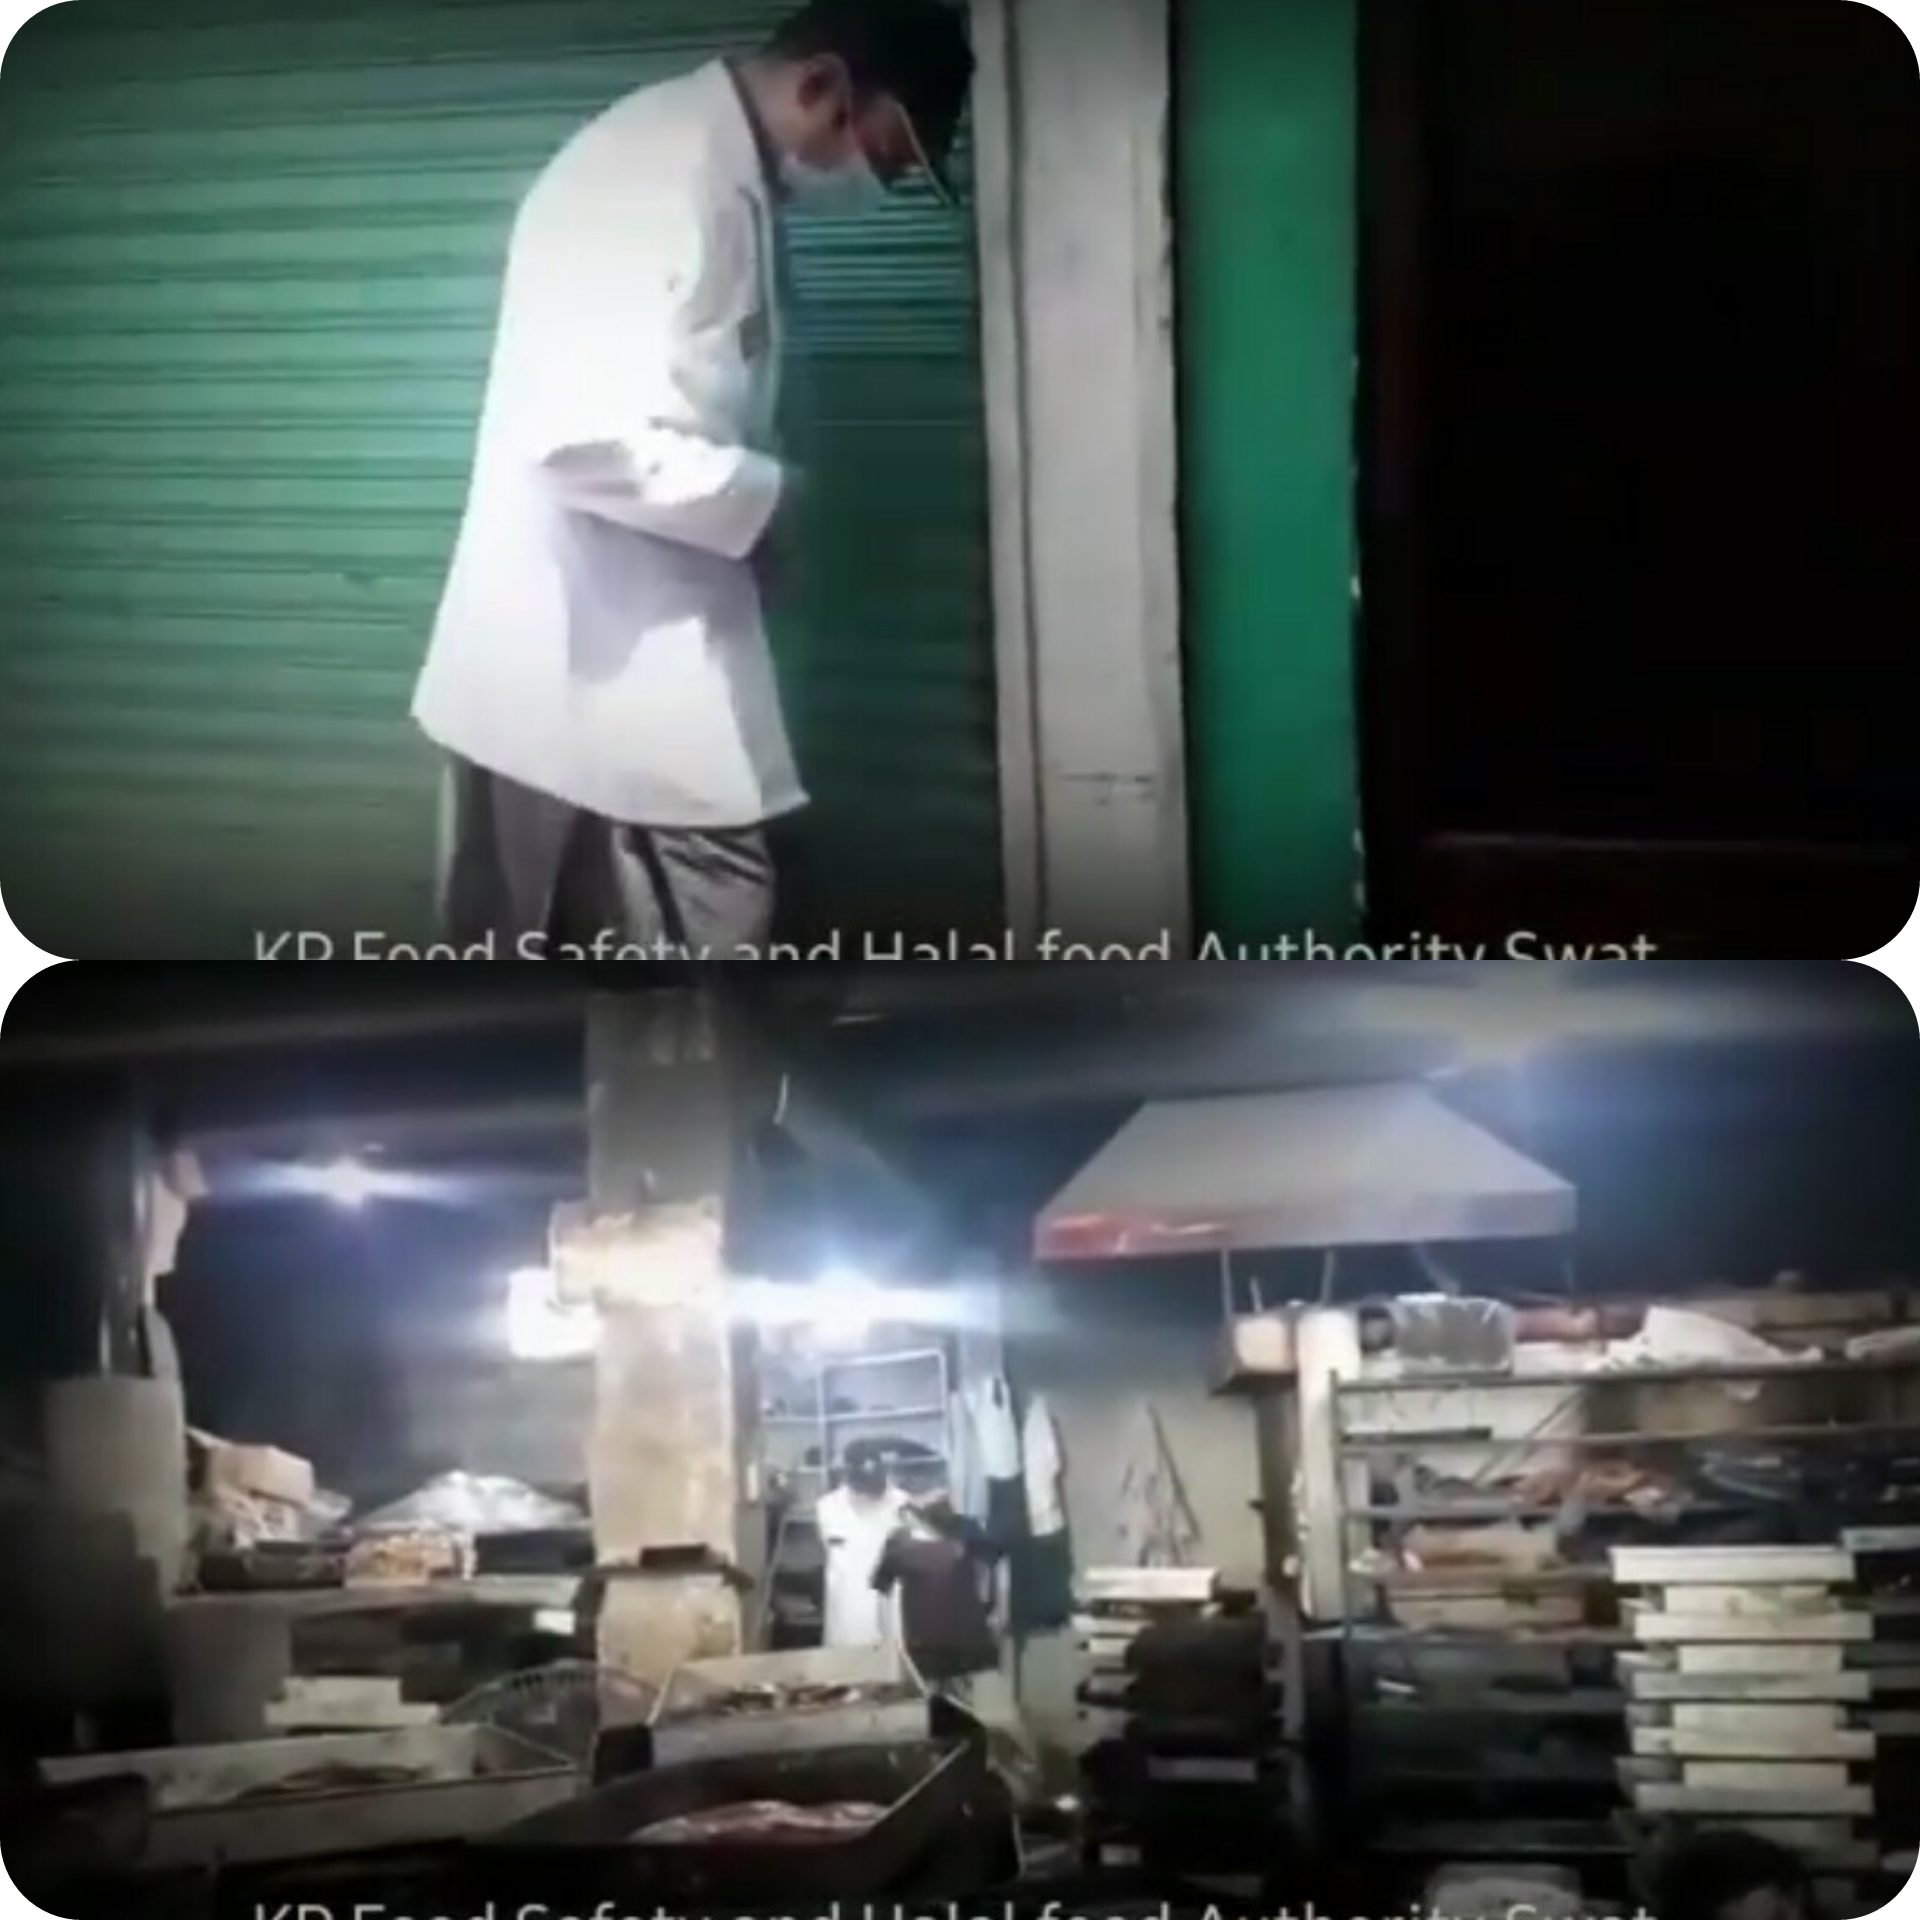 سوات میں مضر صحت اور ناقص بیکری اشیاء کے خلاف بڑی کاروائیاں، کئ بیکریاں سیل، متعدد افراد گرفتار